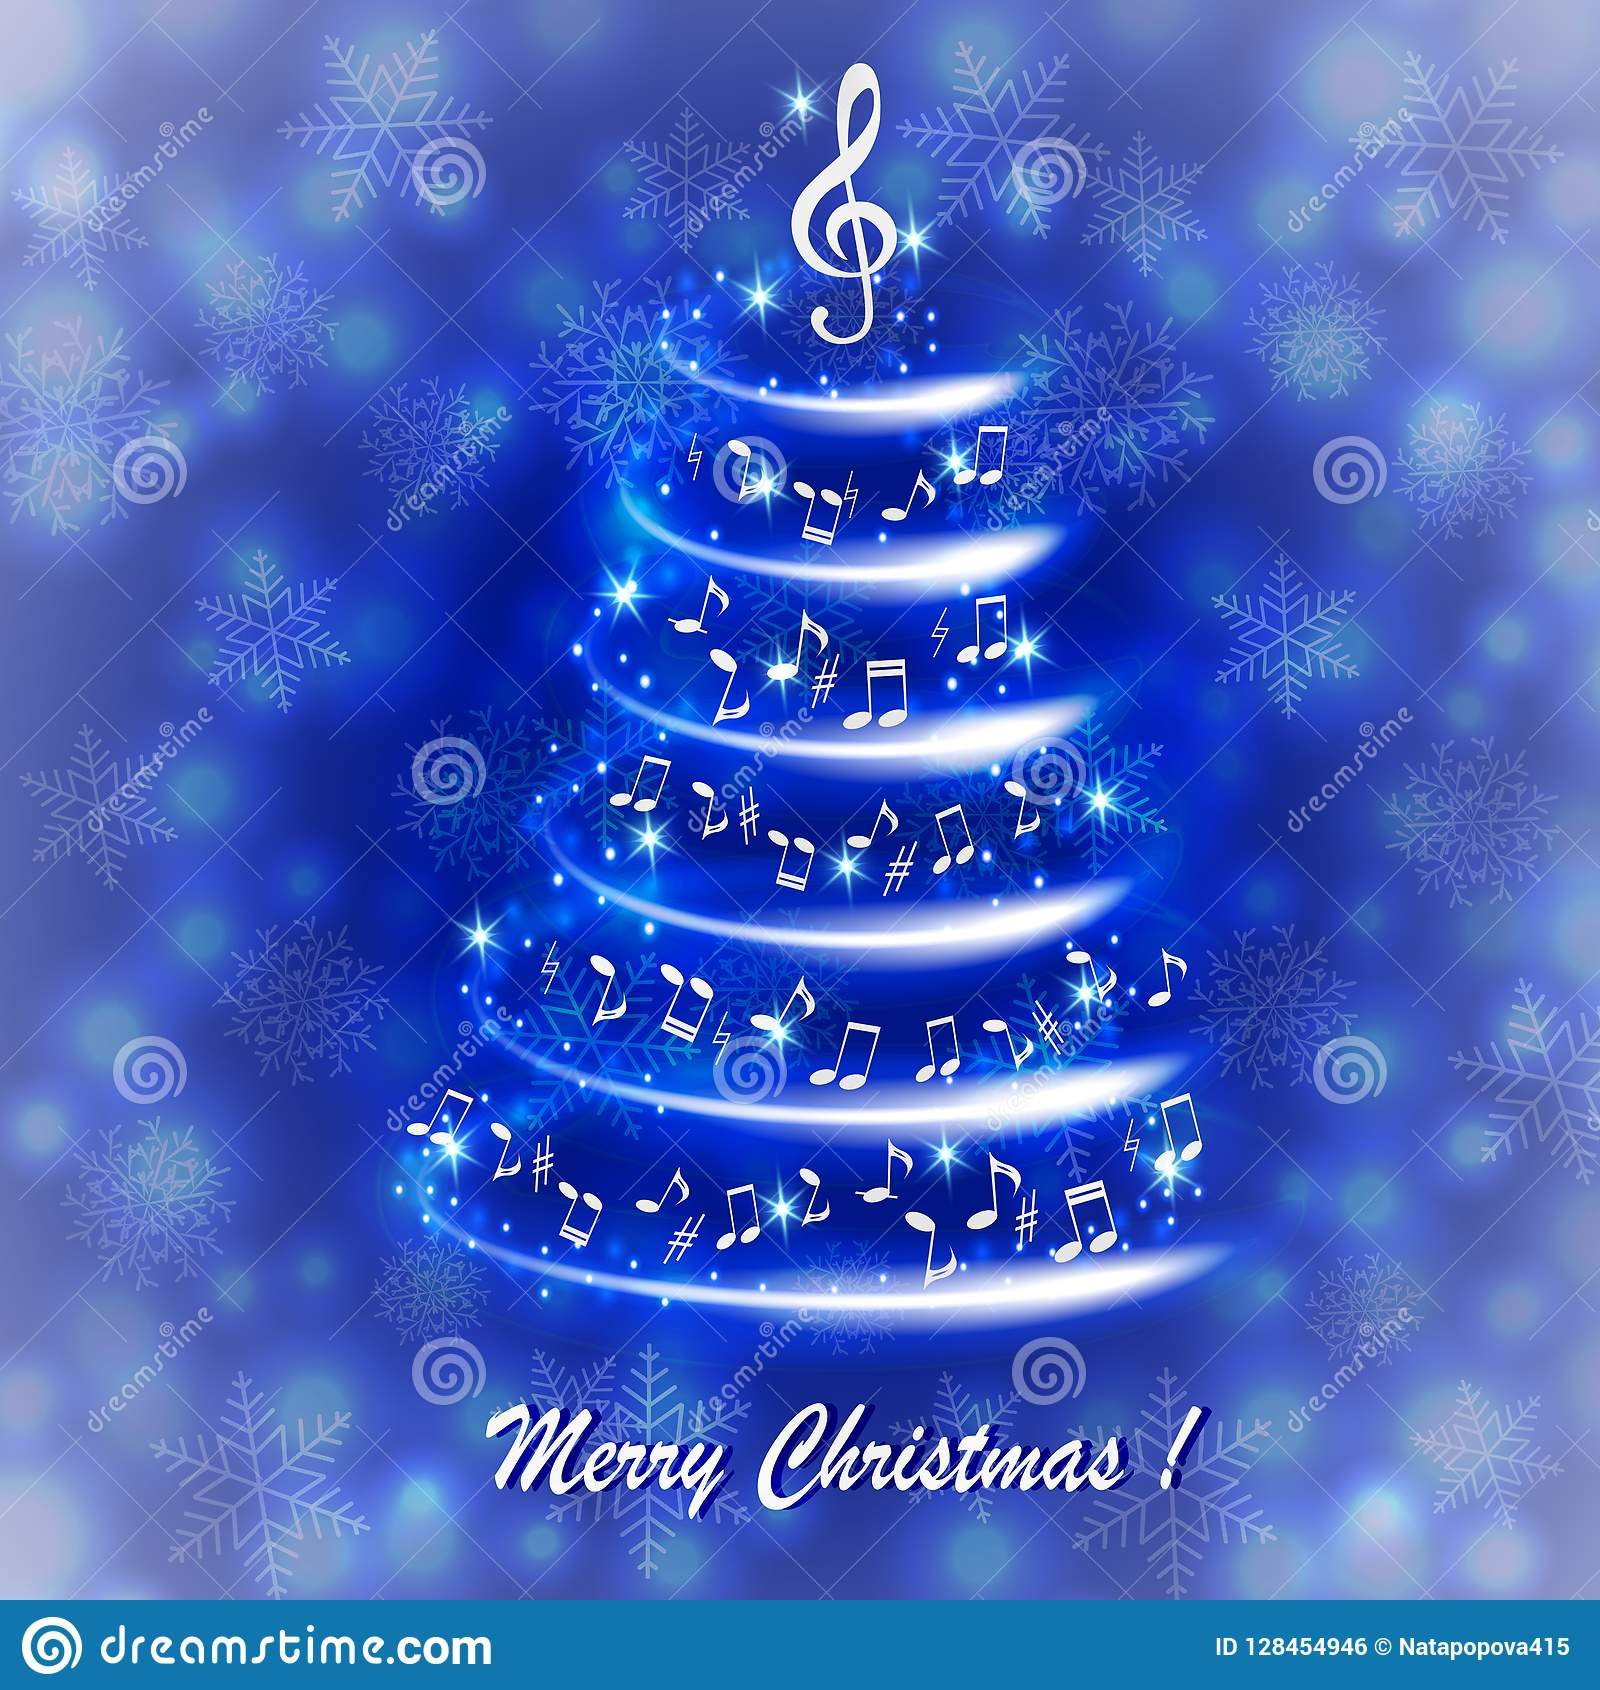 Ευχετήρια κάρτα με ένα αφηρημένο μουσικό χριστουγεννιάτικο δέντρο, με τις σημειώσεις και το τριπλό clef